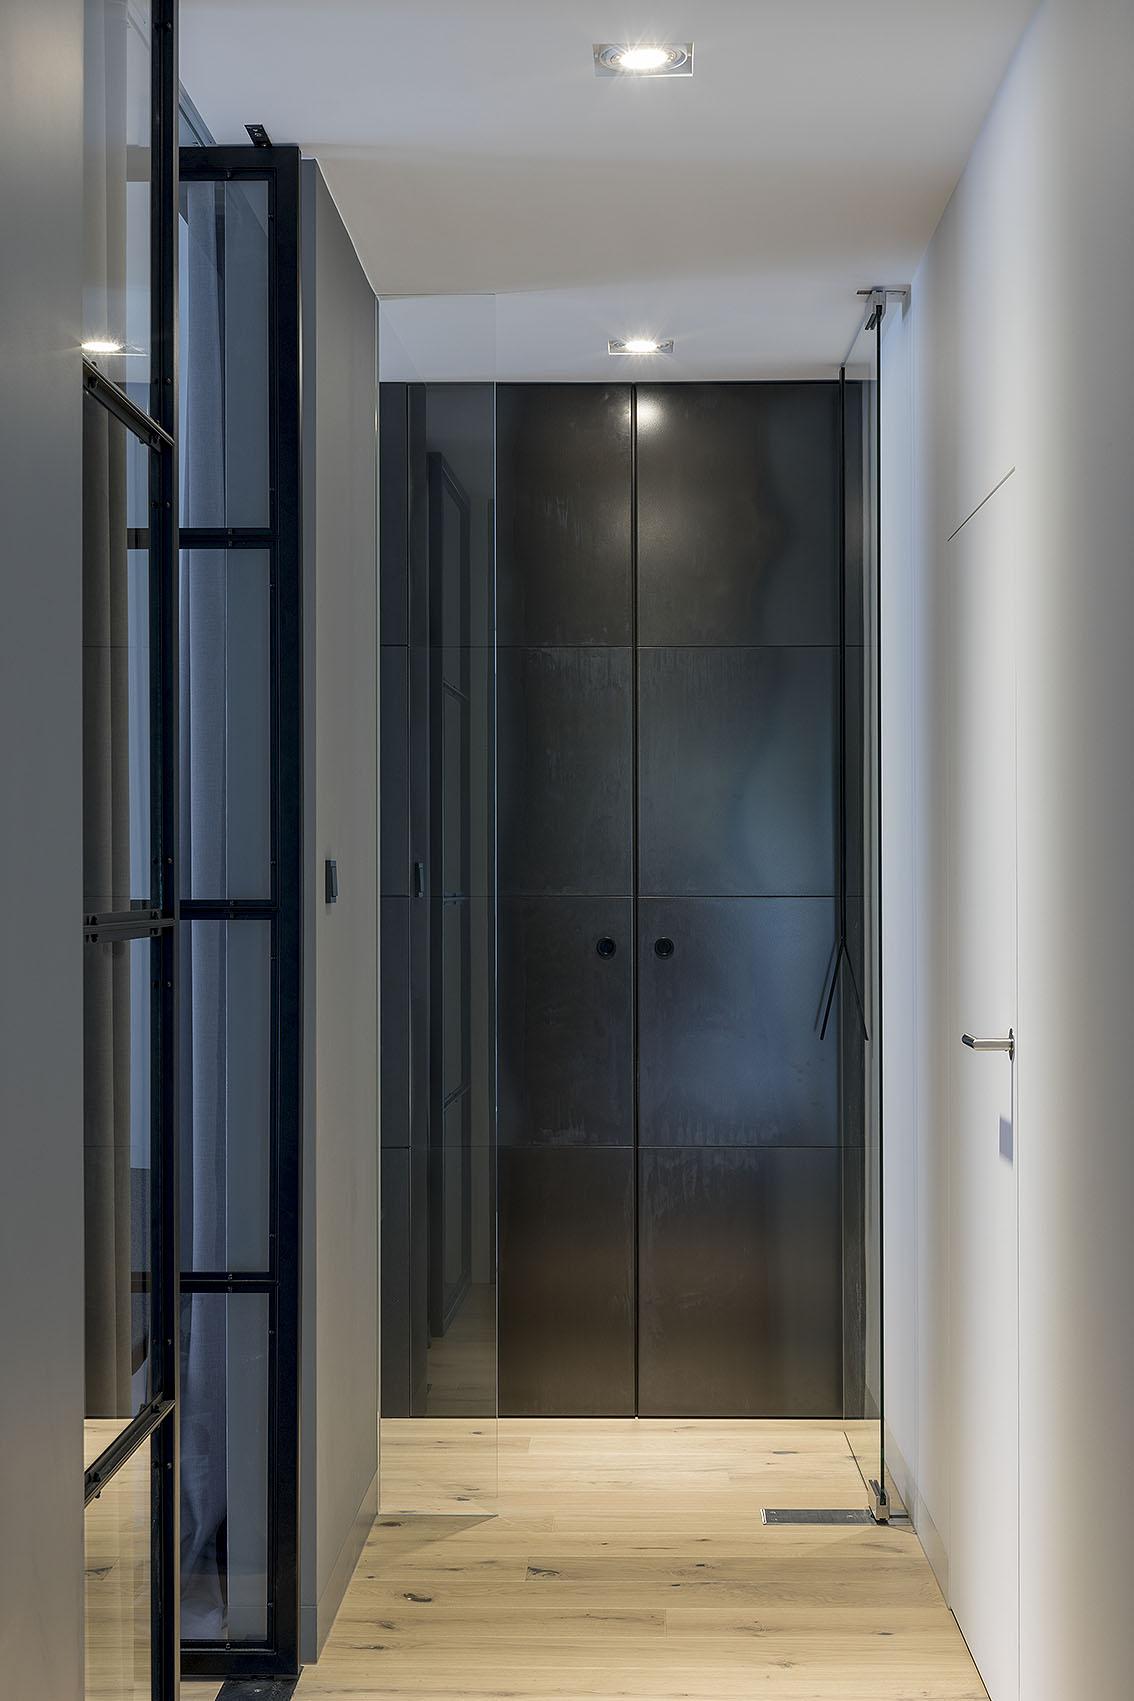 Widok na korytarz na końcu którego znajduje się szafa z frontem z blachy gorącowalcowanej, drewniana podłoga oraz drzwi ukryte do pralni